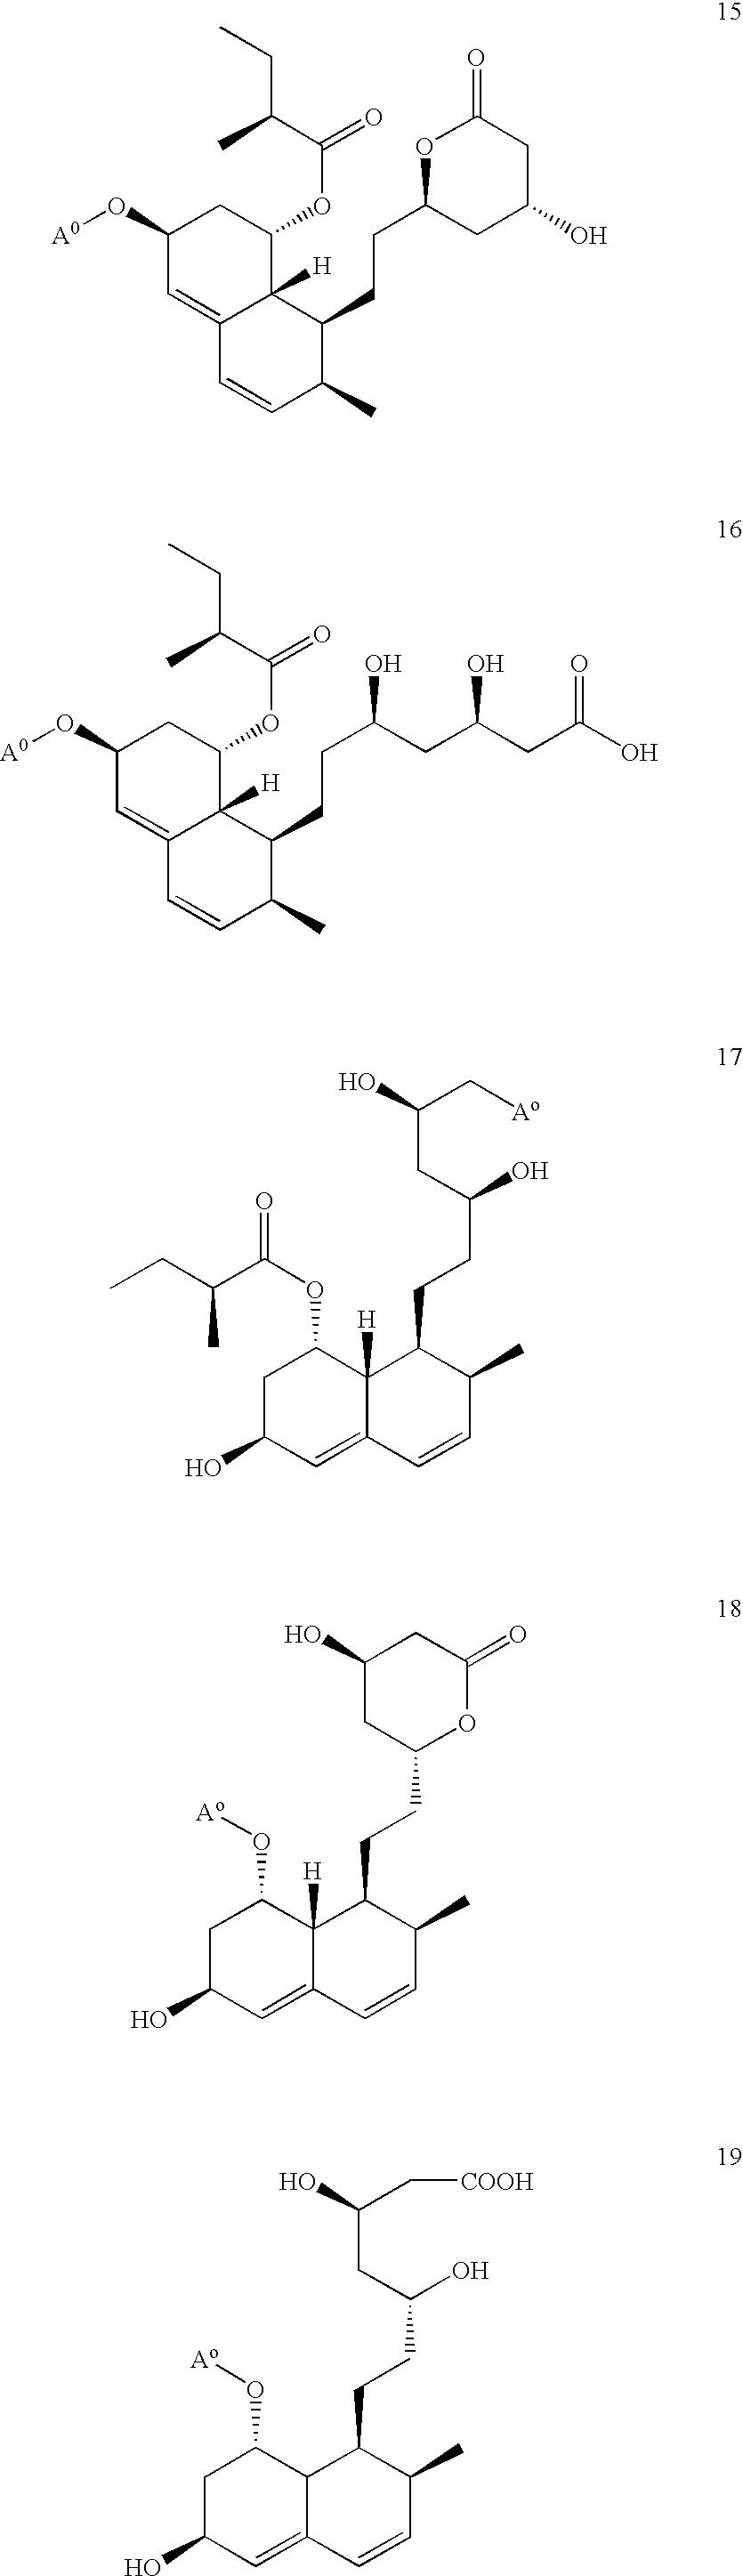 Figure US07407965-20080805-C00013